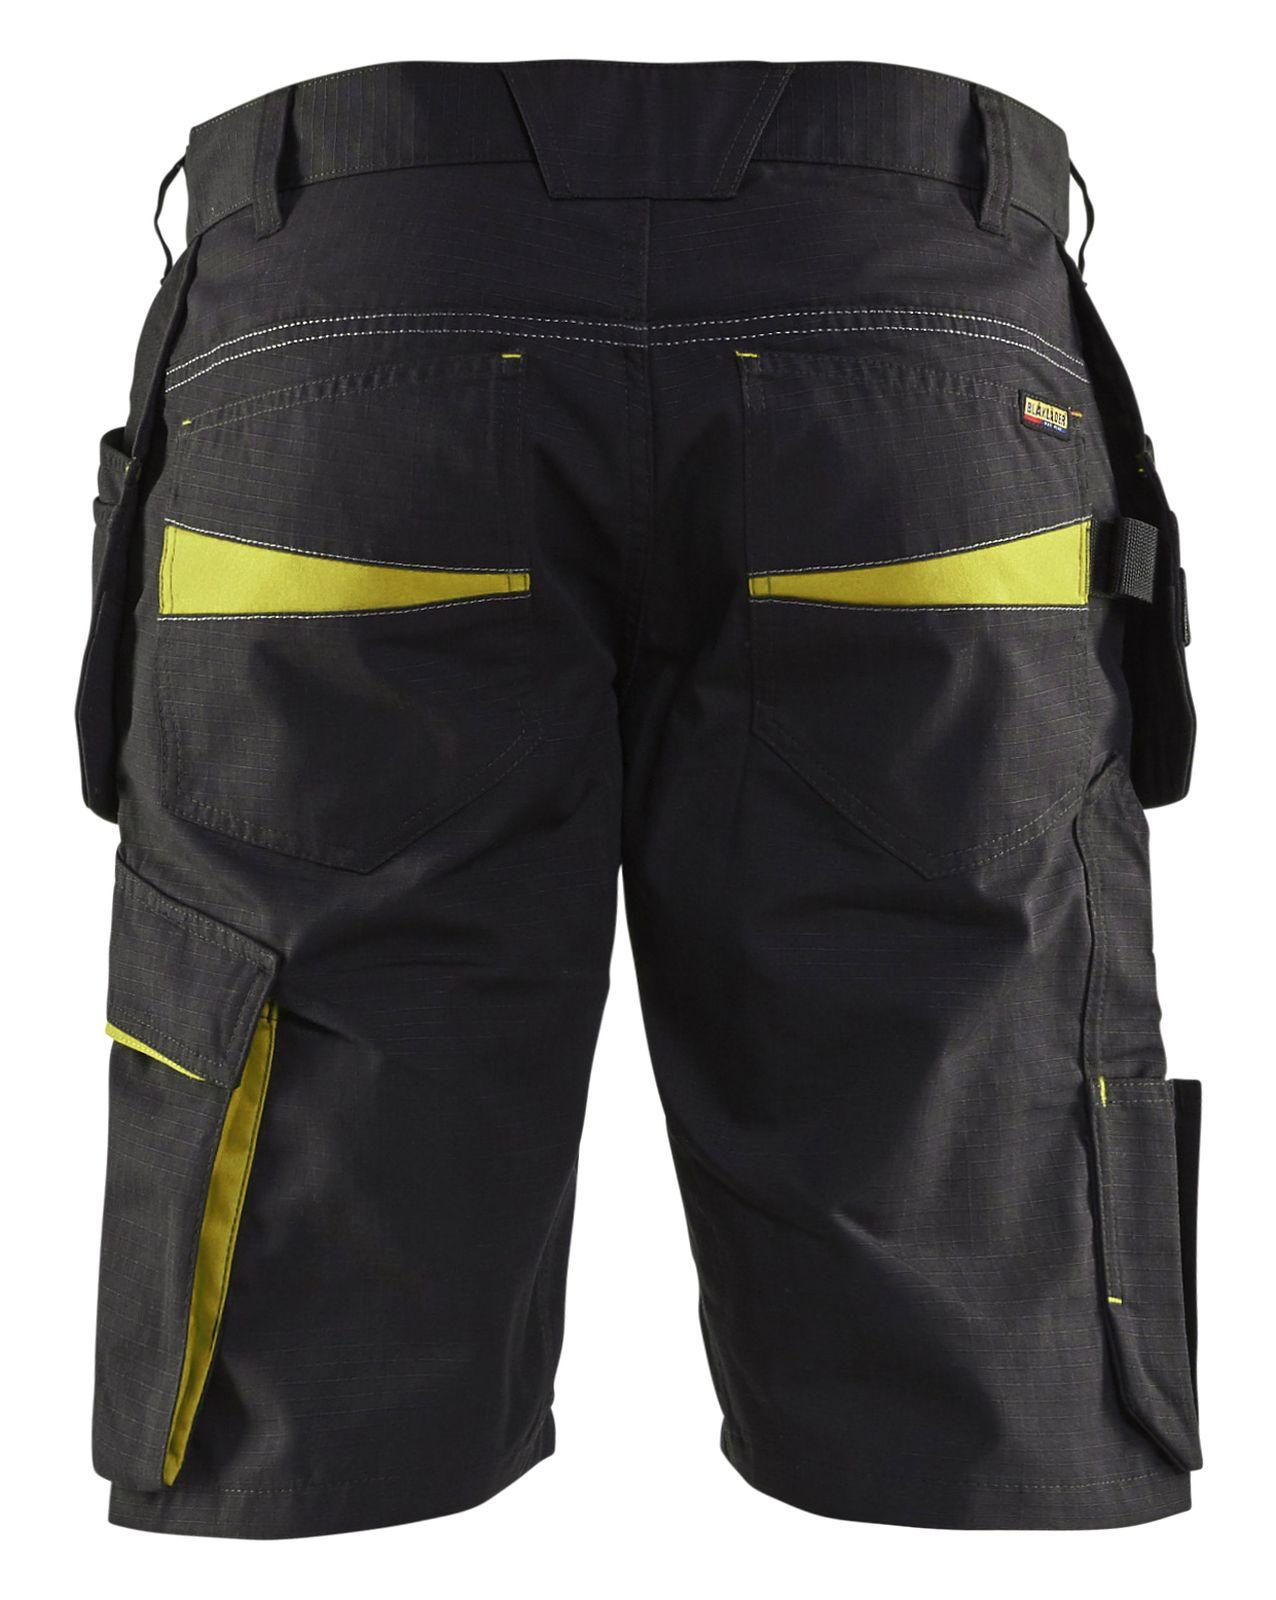 Blaklader Korte werkbroeken 14941330 zwart-geel(9933)